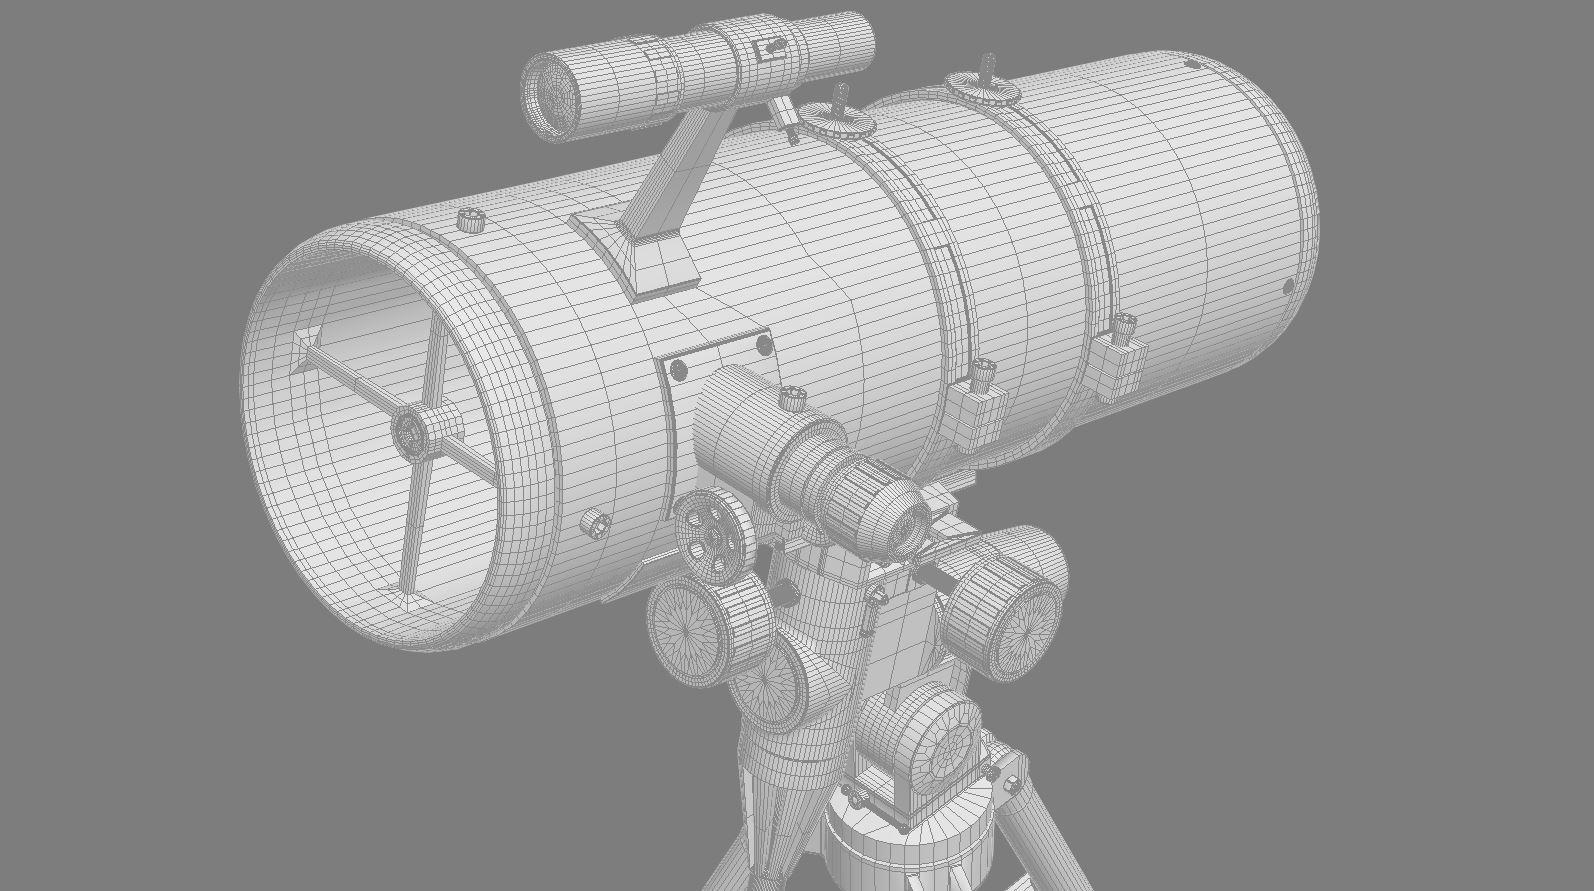 Celestron inspire az teleskop